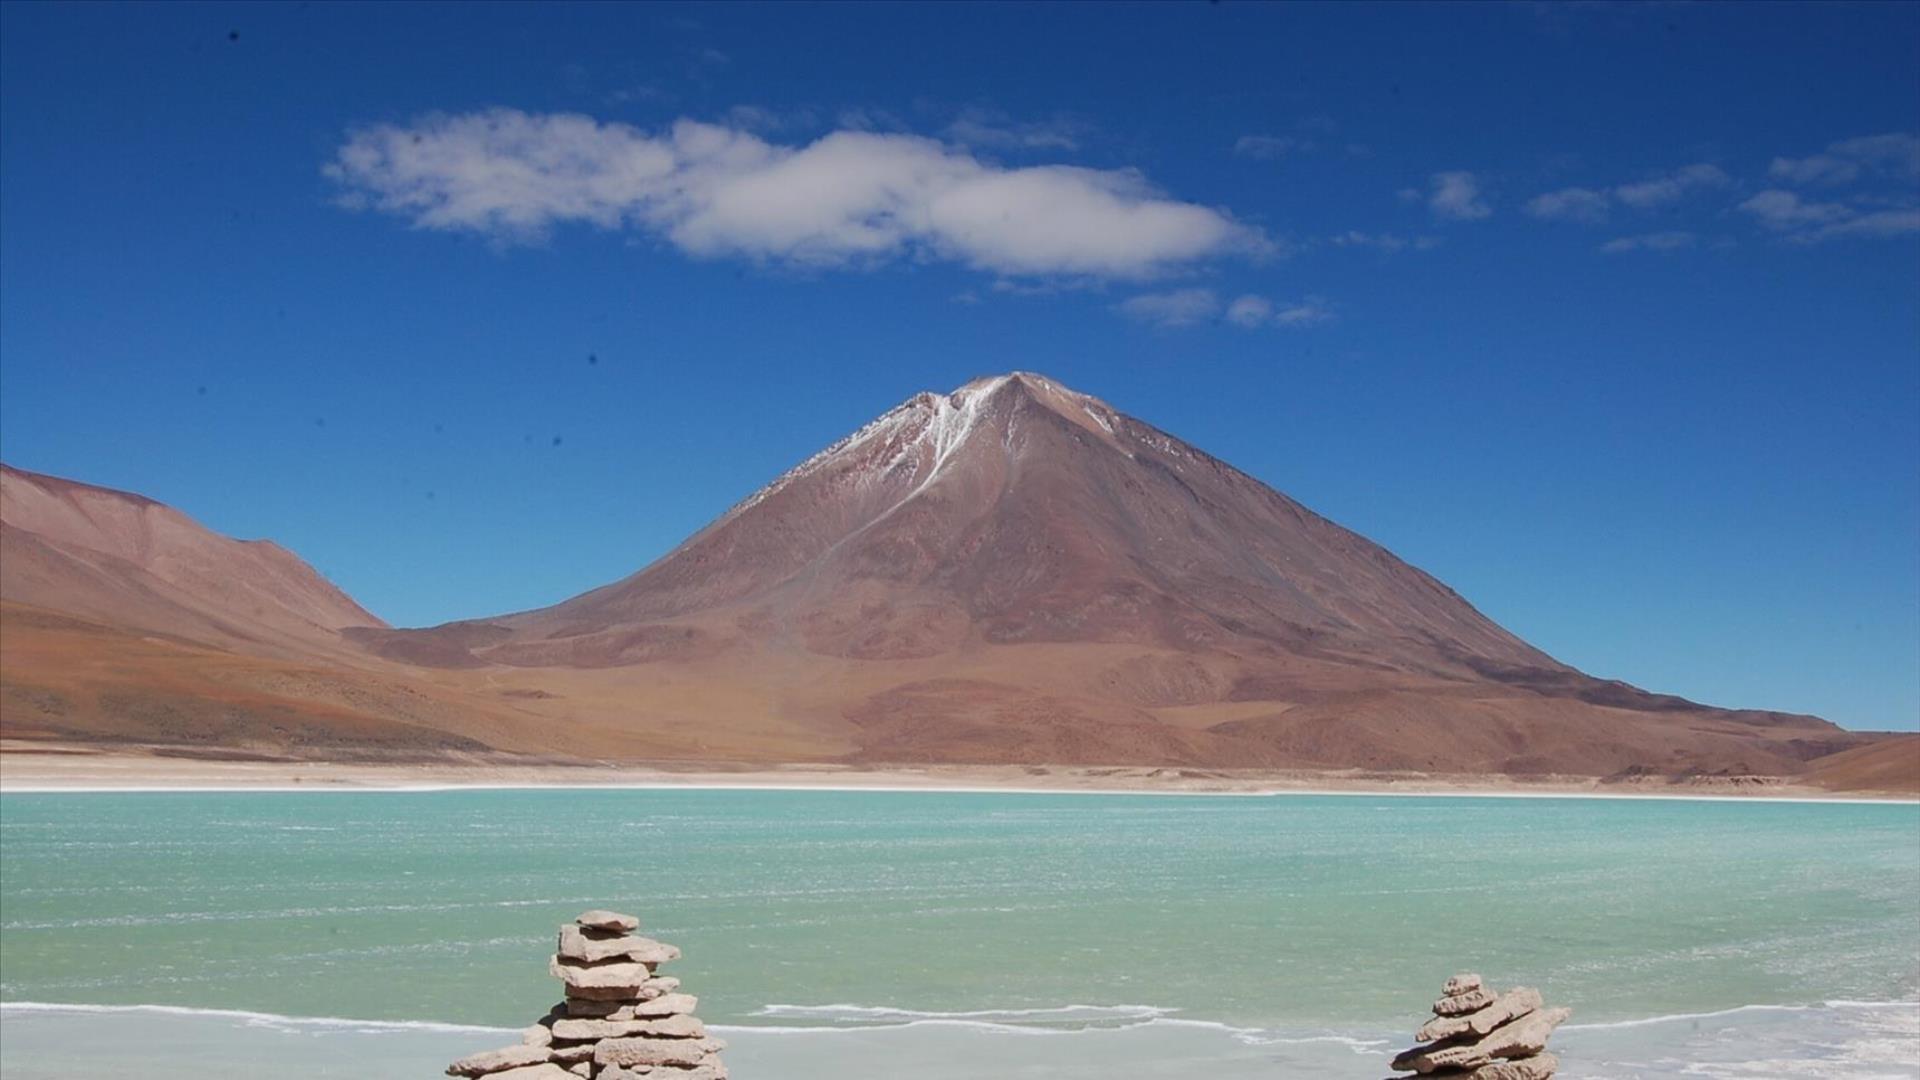 Argentinien, Bolivien und Chile / ab Salta: 10 Tage Rundreise in Kleingruppe - Wüstenerlebnisse in Südamerika